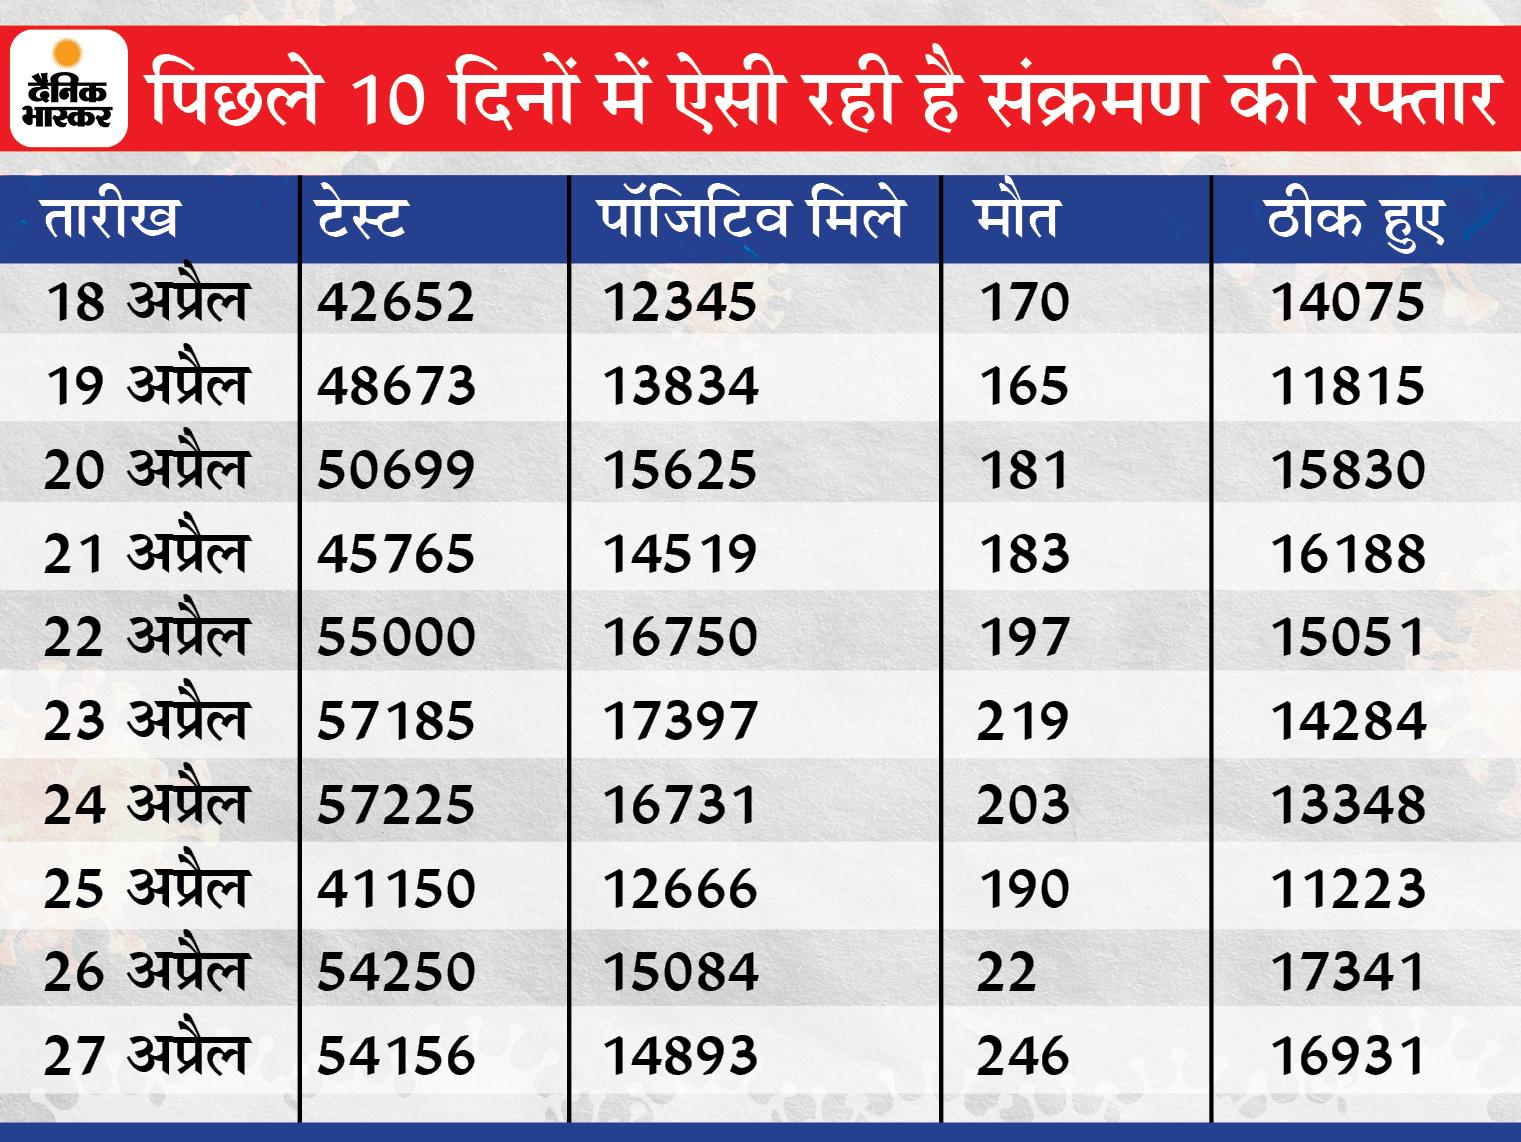 पश्चिम बंगाल से चुनाव ड्यूटी करके लौटे CRPF के 8 जवान कोरोना पॉजिटिव; एक दिन में 14,893 नए मरीज मिले, 246 की मौत रायपुर,Raipur - Dainik Bhaskar